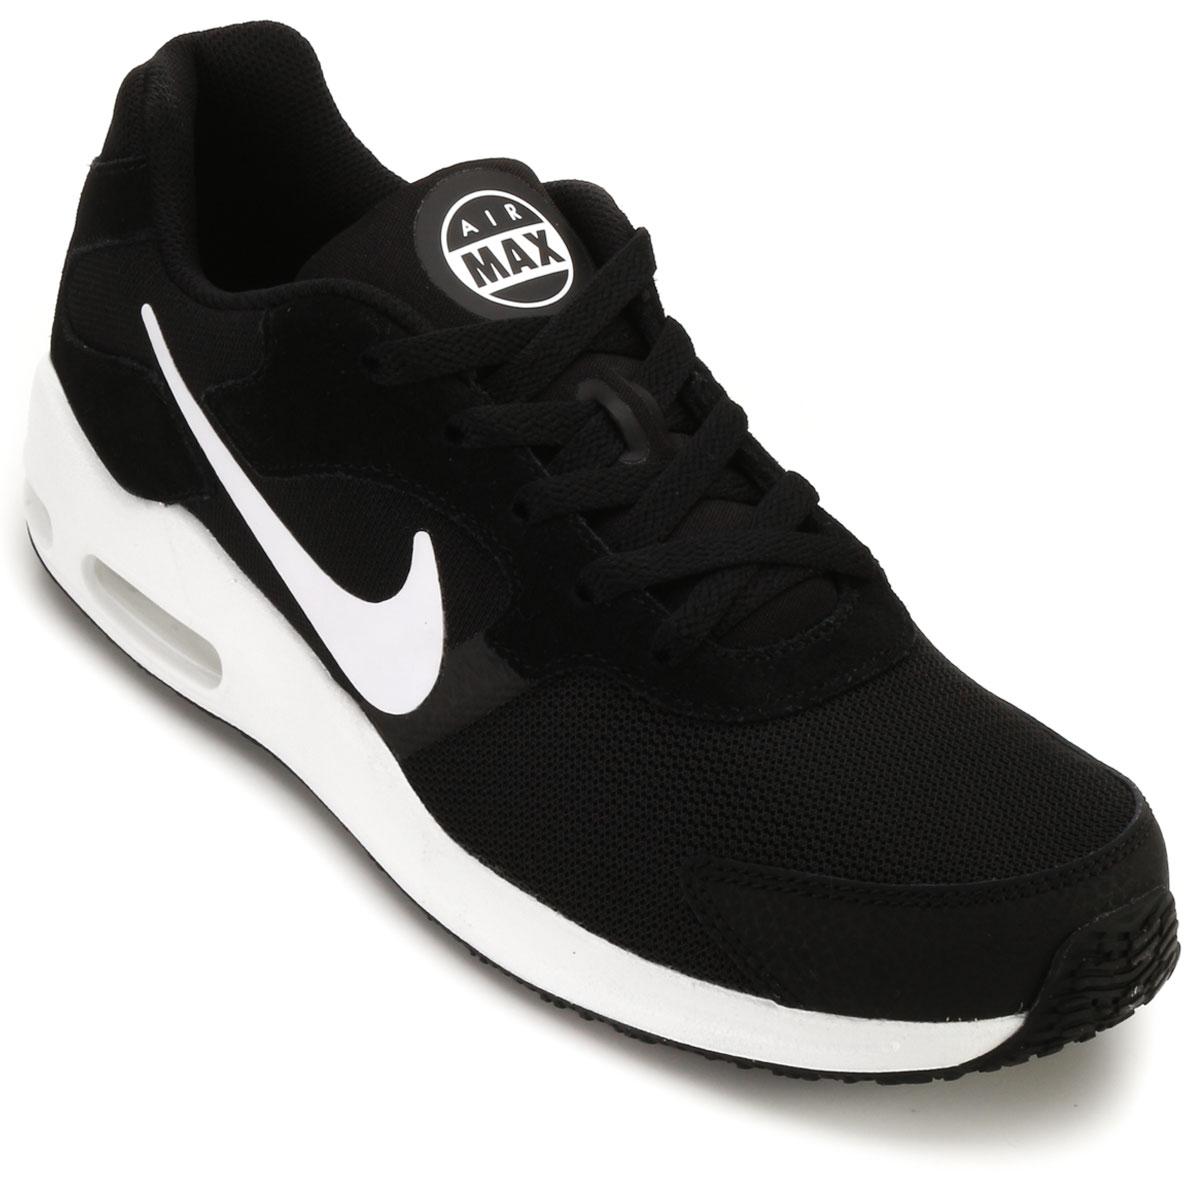 0fa1072a82 Tênis Nike Air Max Guile Preto-Branco